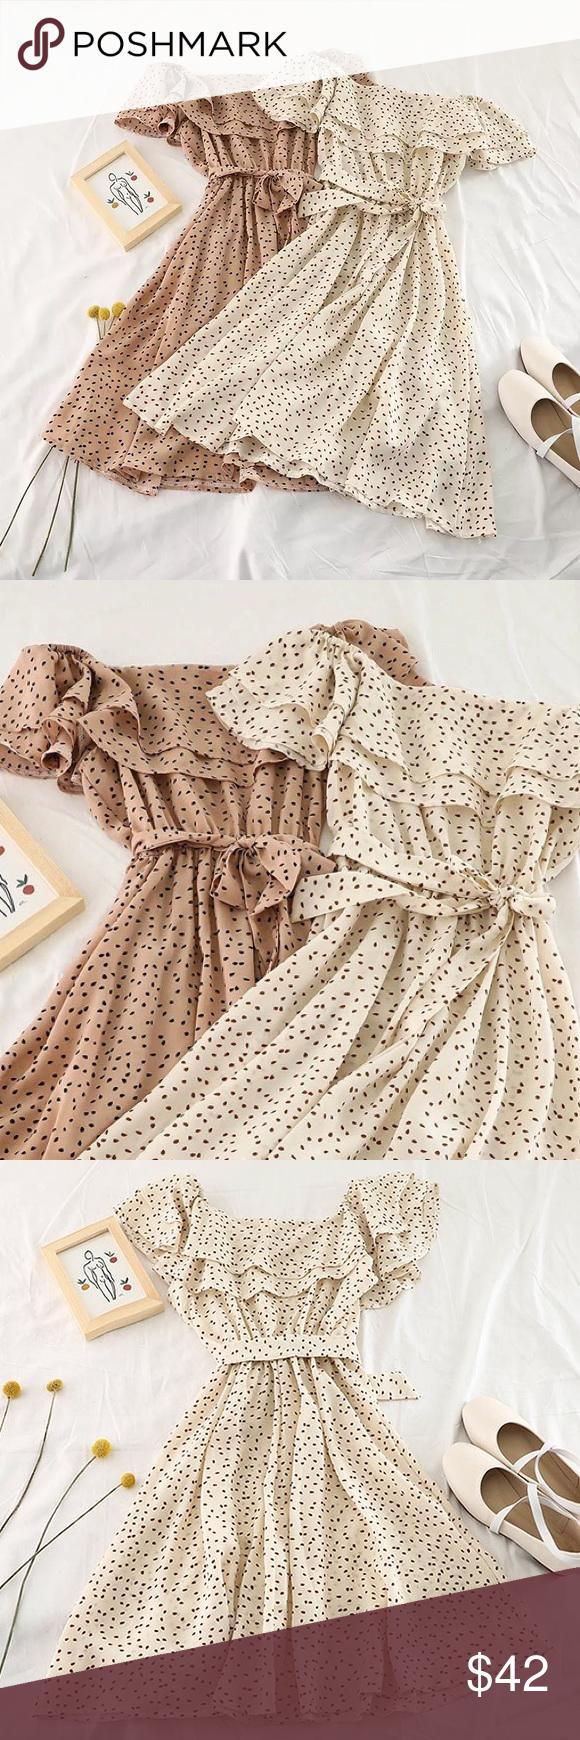 Raffle Off The Shoulder Tan Dress Tan Dresses Clothes Design Dresses [ 1740 x 580 Pixel ]